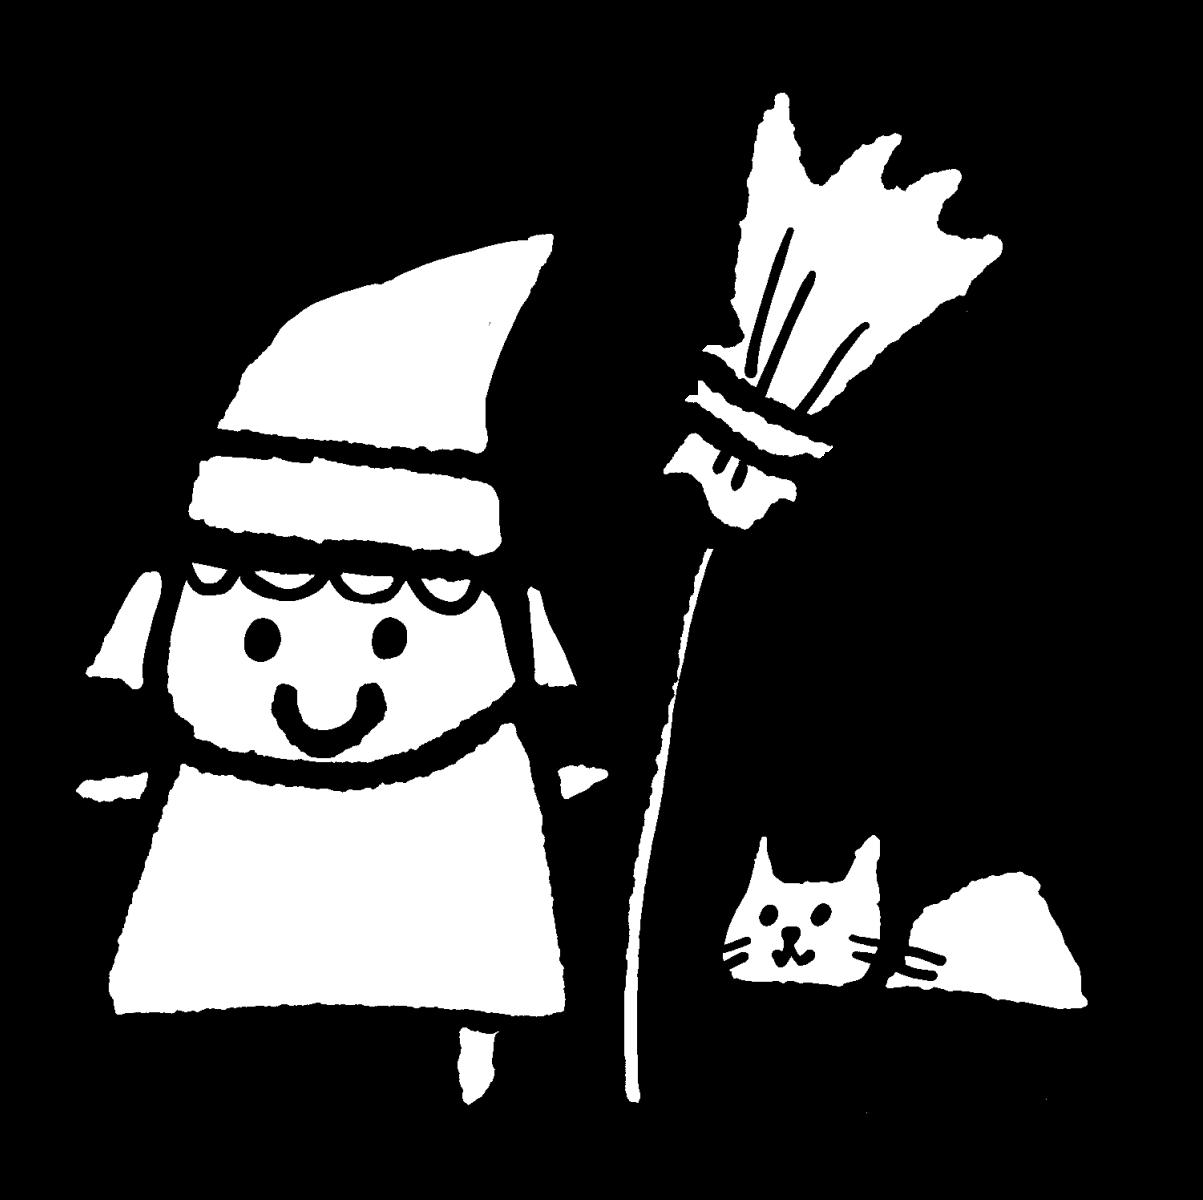 魔女と猫のイラスト / The Witch and the Cat Illustration